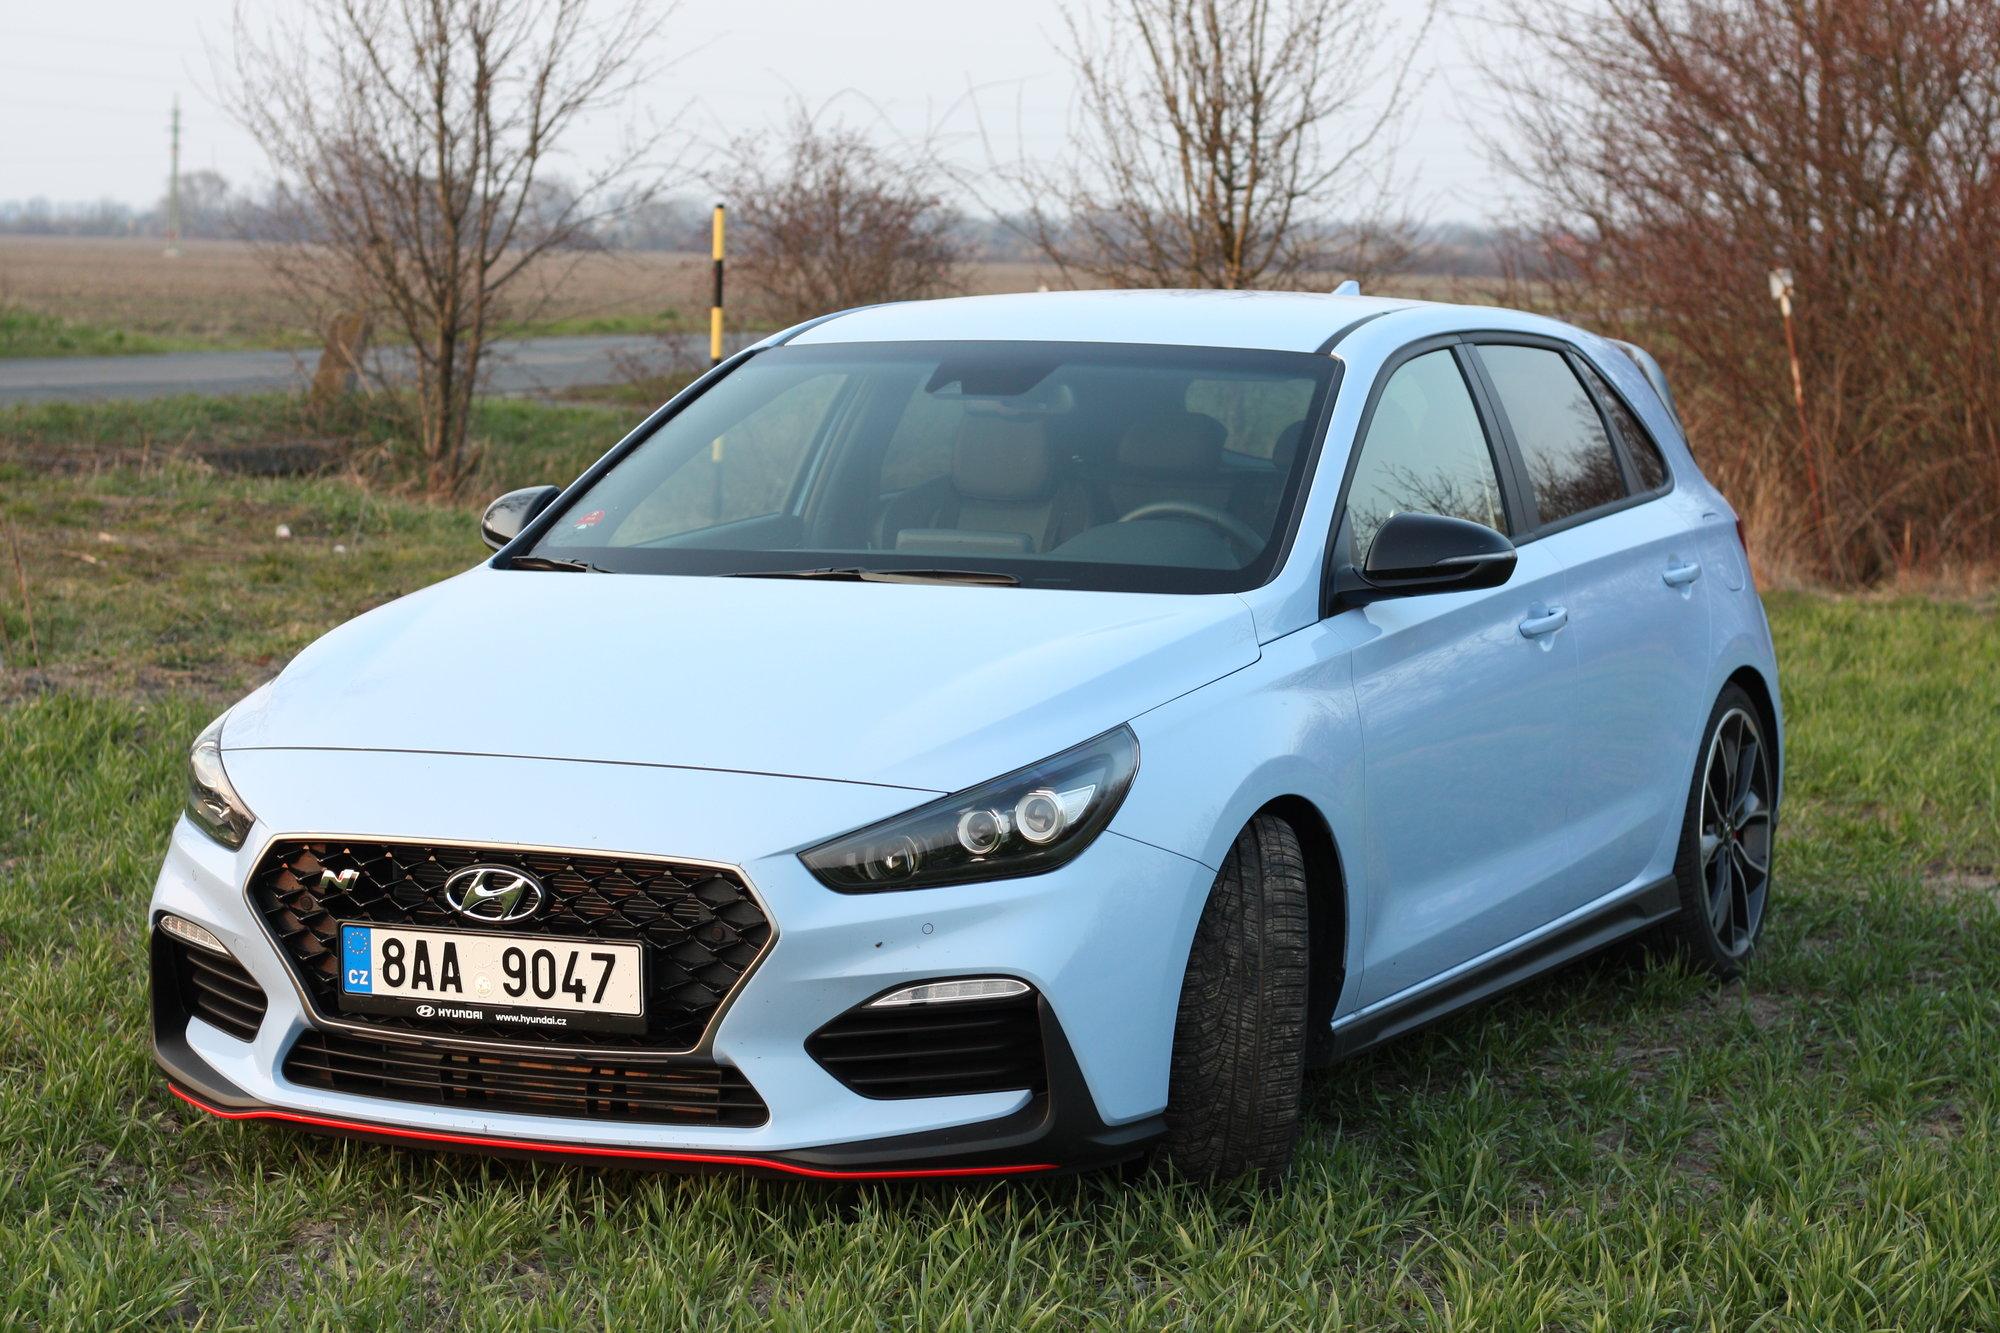 Nošovický Hyundai v loňském roce vyvezl vozy do více než 70 zemí světa. A tržby? - anotační obrázek